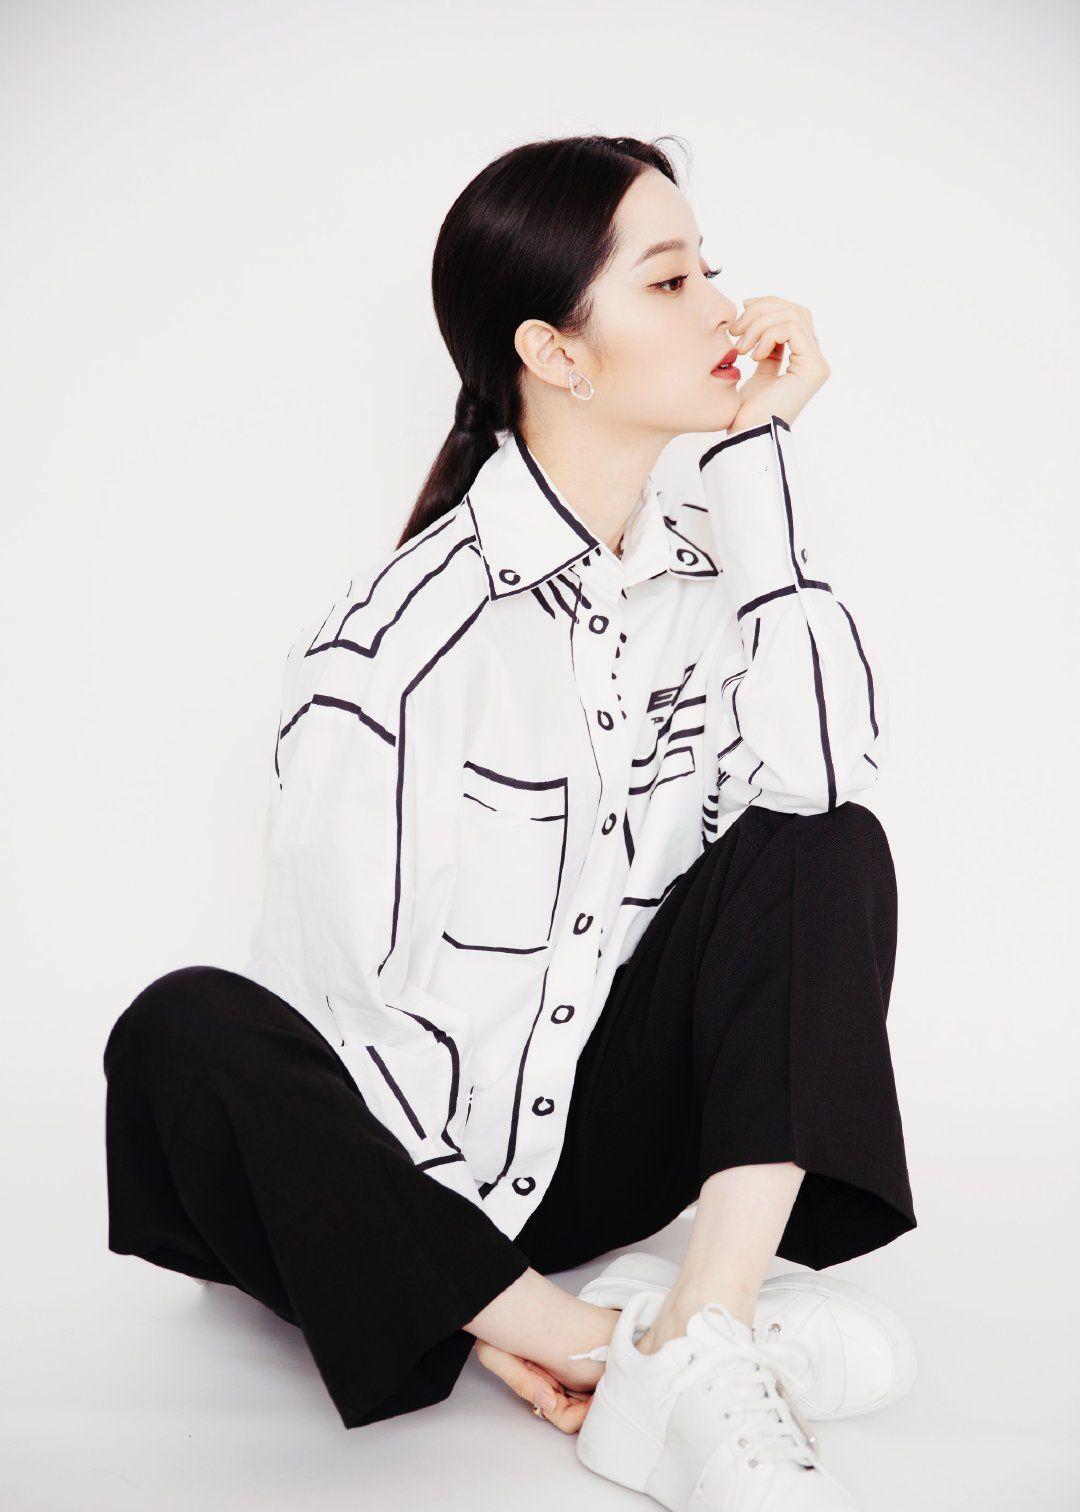 欧阳娜娜身着FENDI 黑白配更显帅气!